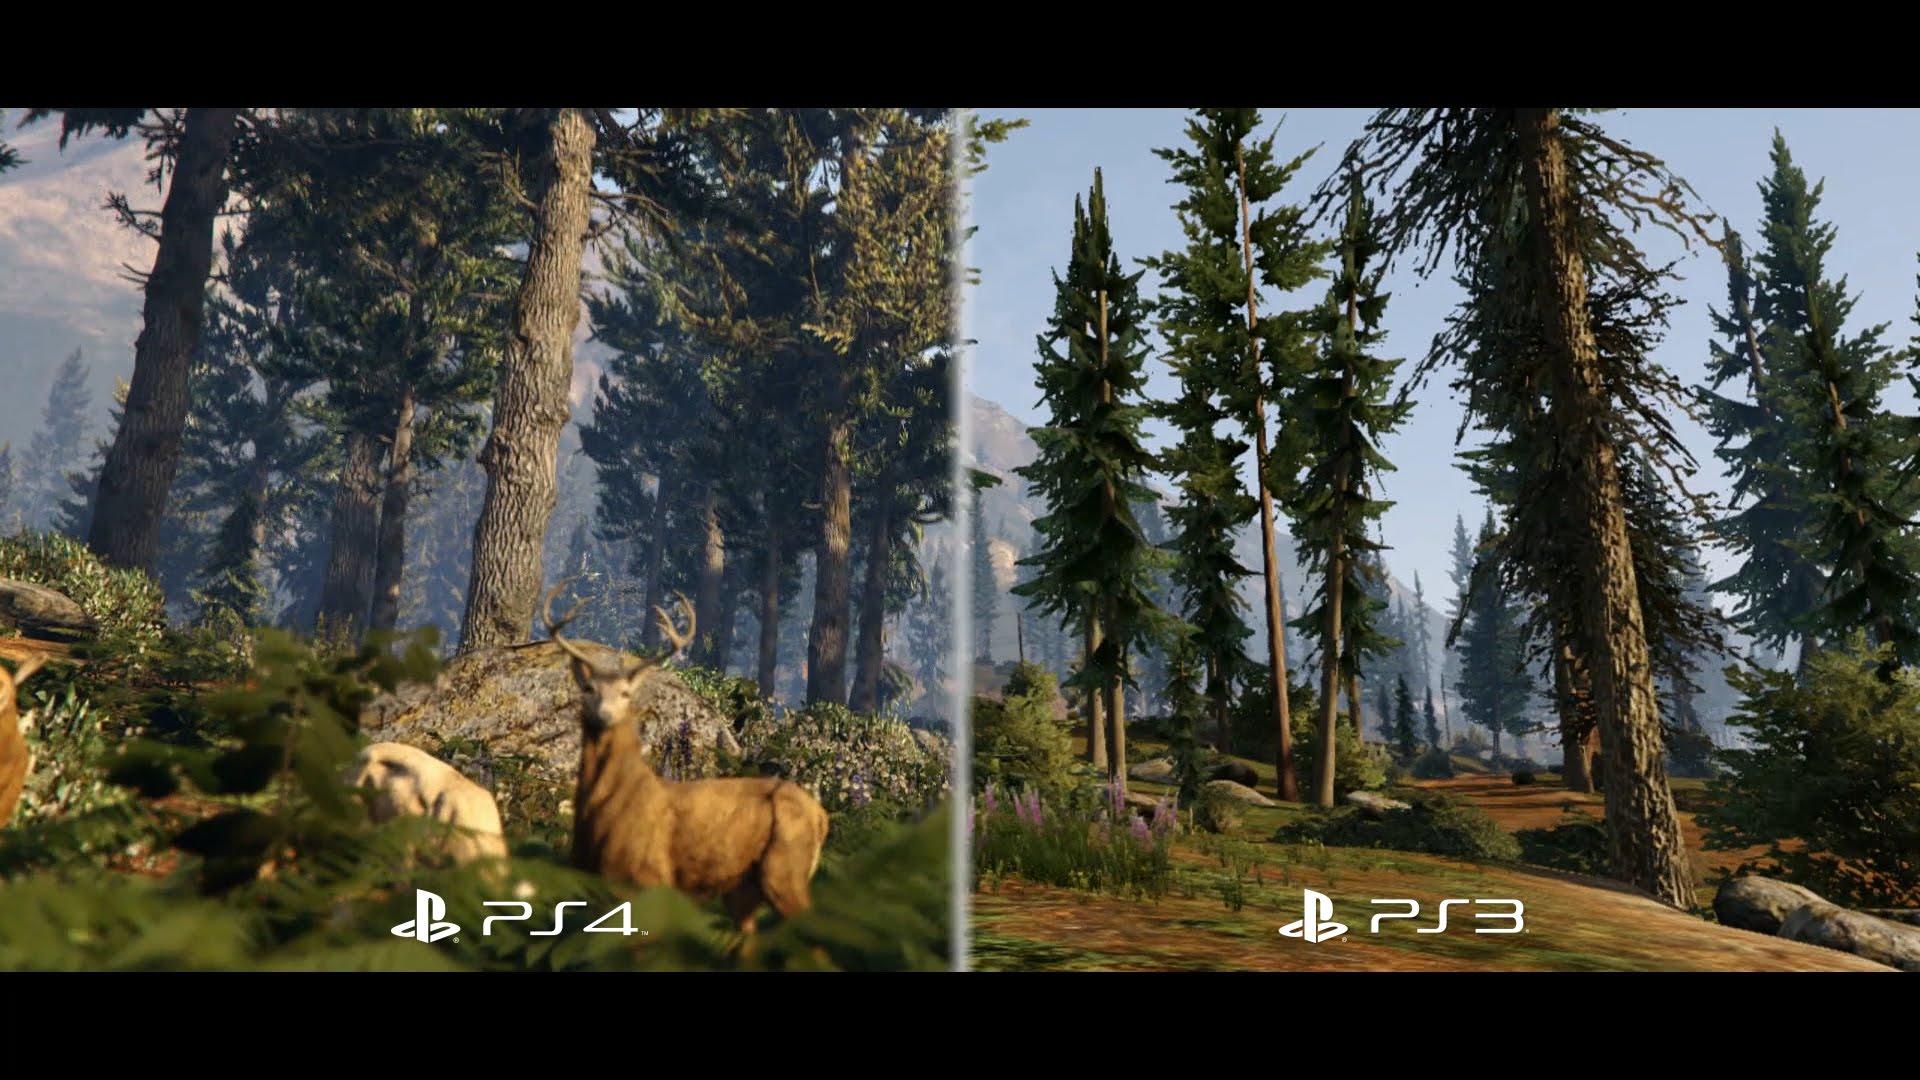 GTA 5 Vergleichsvideo zur PS3 und PS4 Version